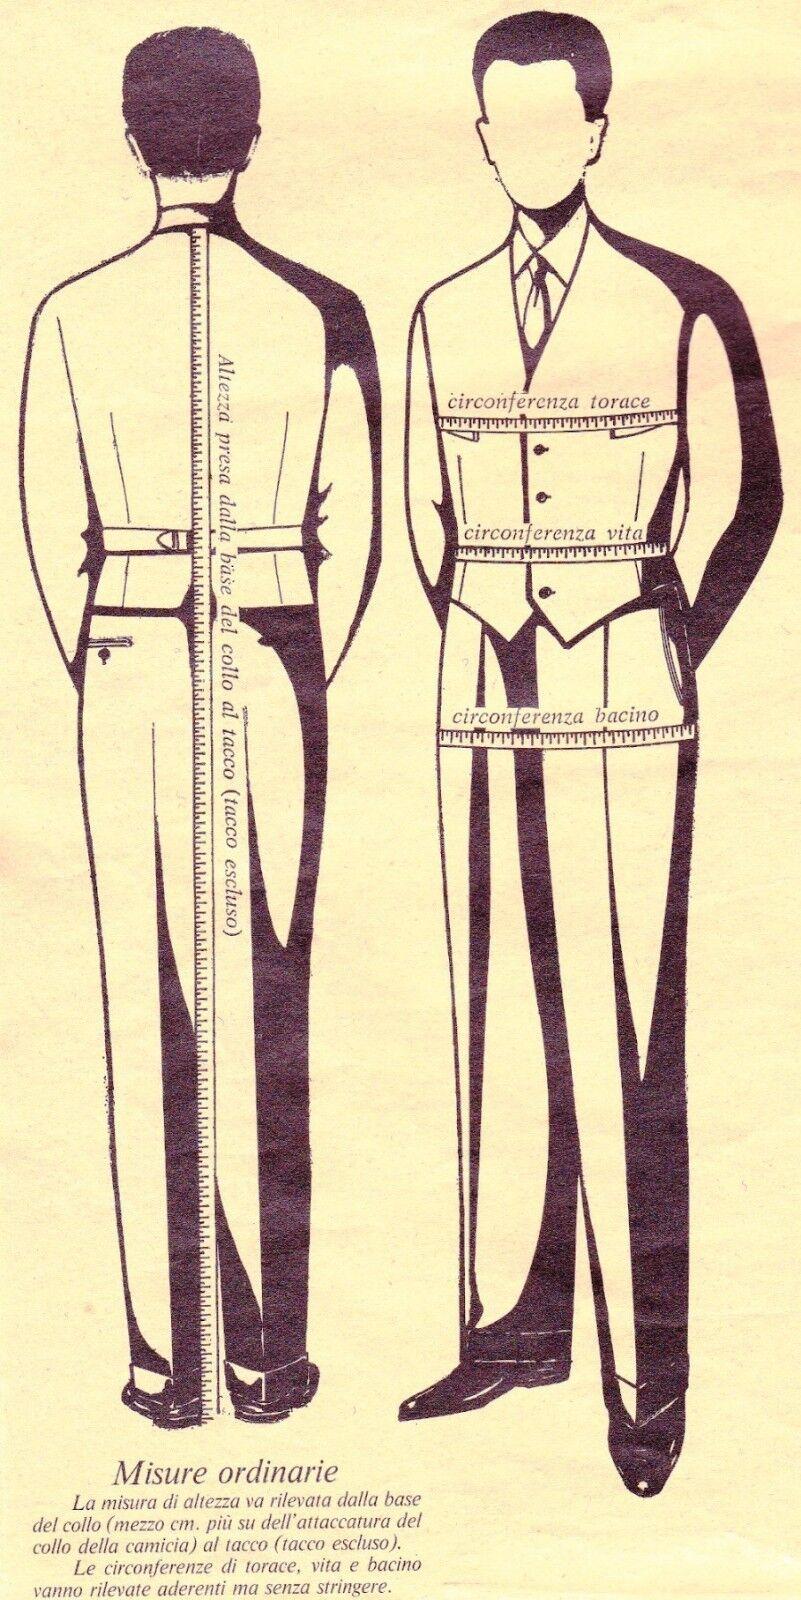 2 V   Tagli di stoffe di qualita' le pregiata  - Guarda le qualita' foto e la descrizione   7249be